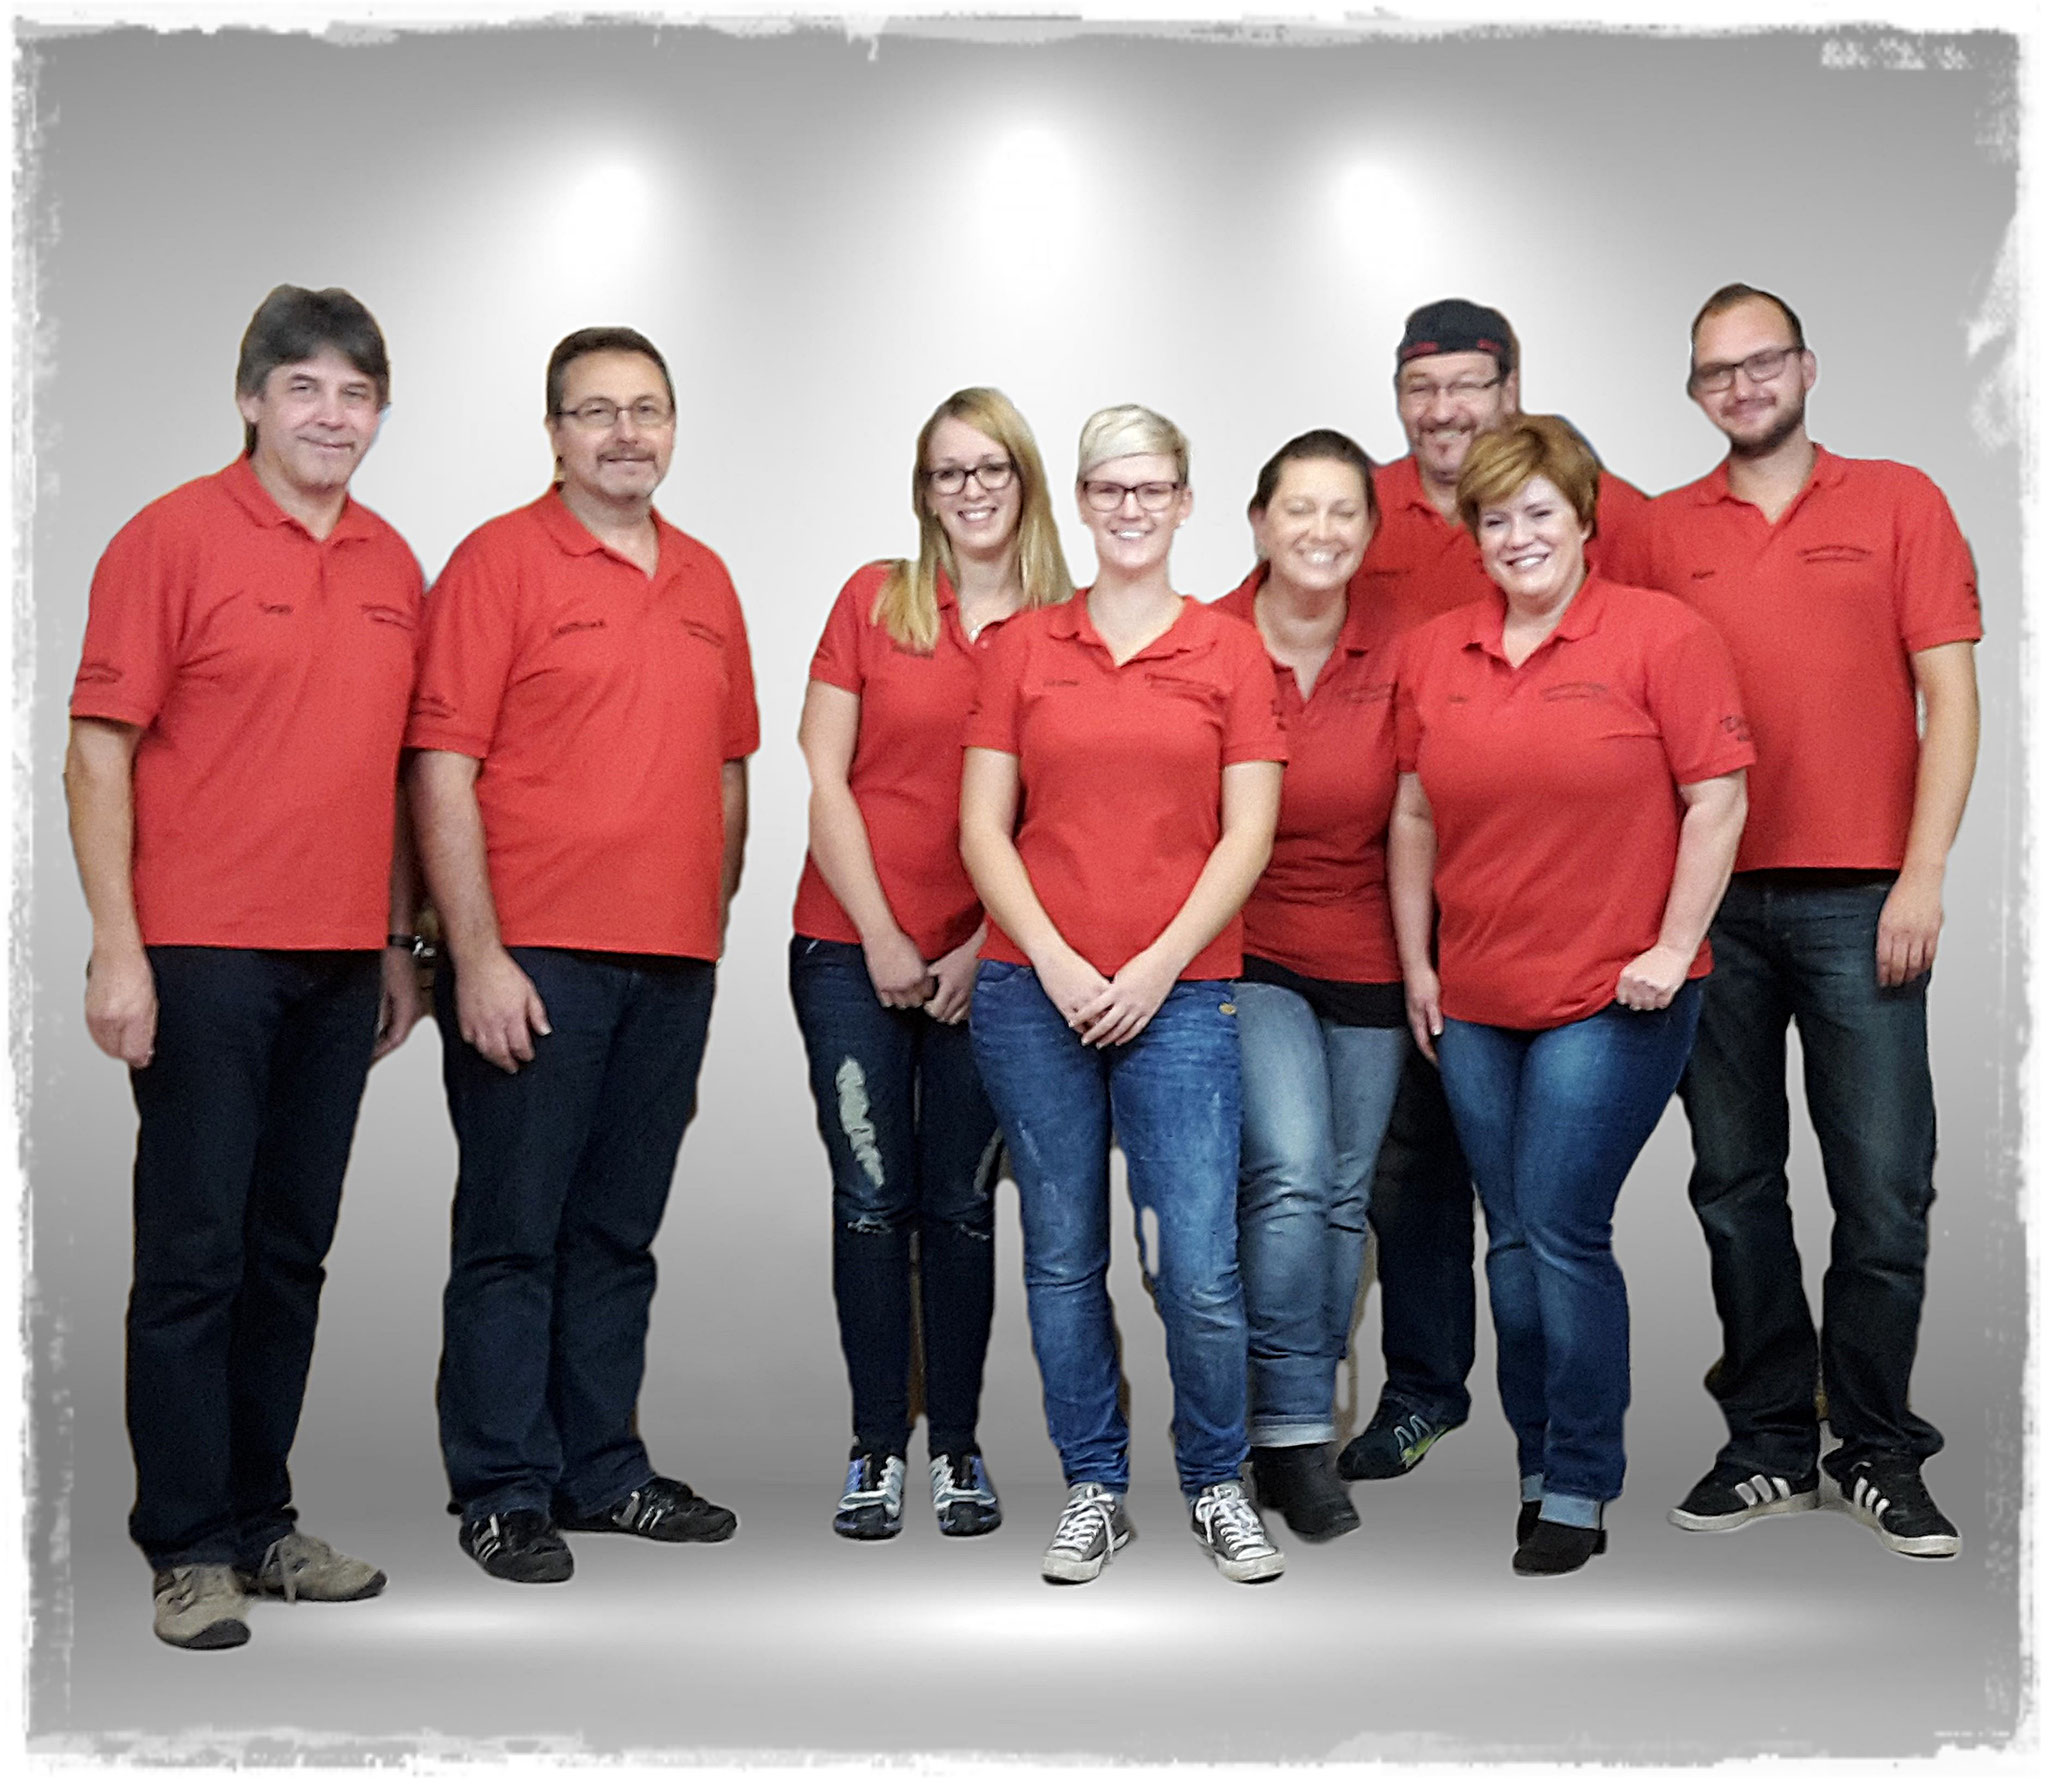 Von links nach rechts: Sepp Wittman, Gottfried Pommer, Melanie Weber, Veronika Lehner, Ramona Kilger, Christian Schmalzbauer, Silke Hrda, Alexander Fleischmann